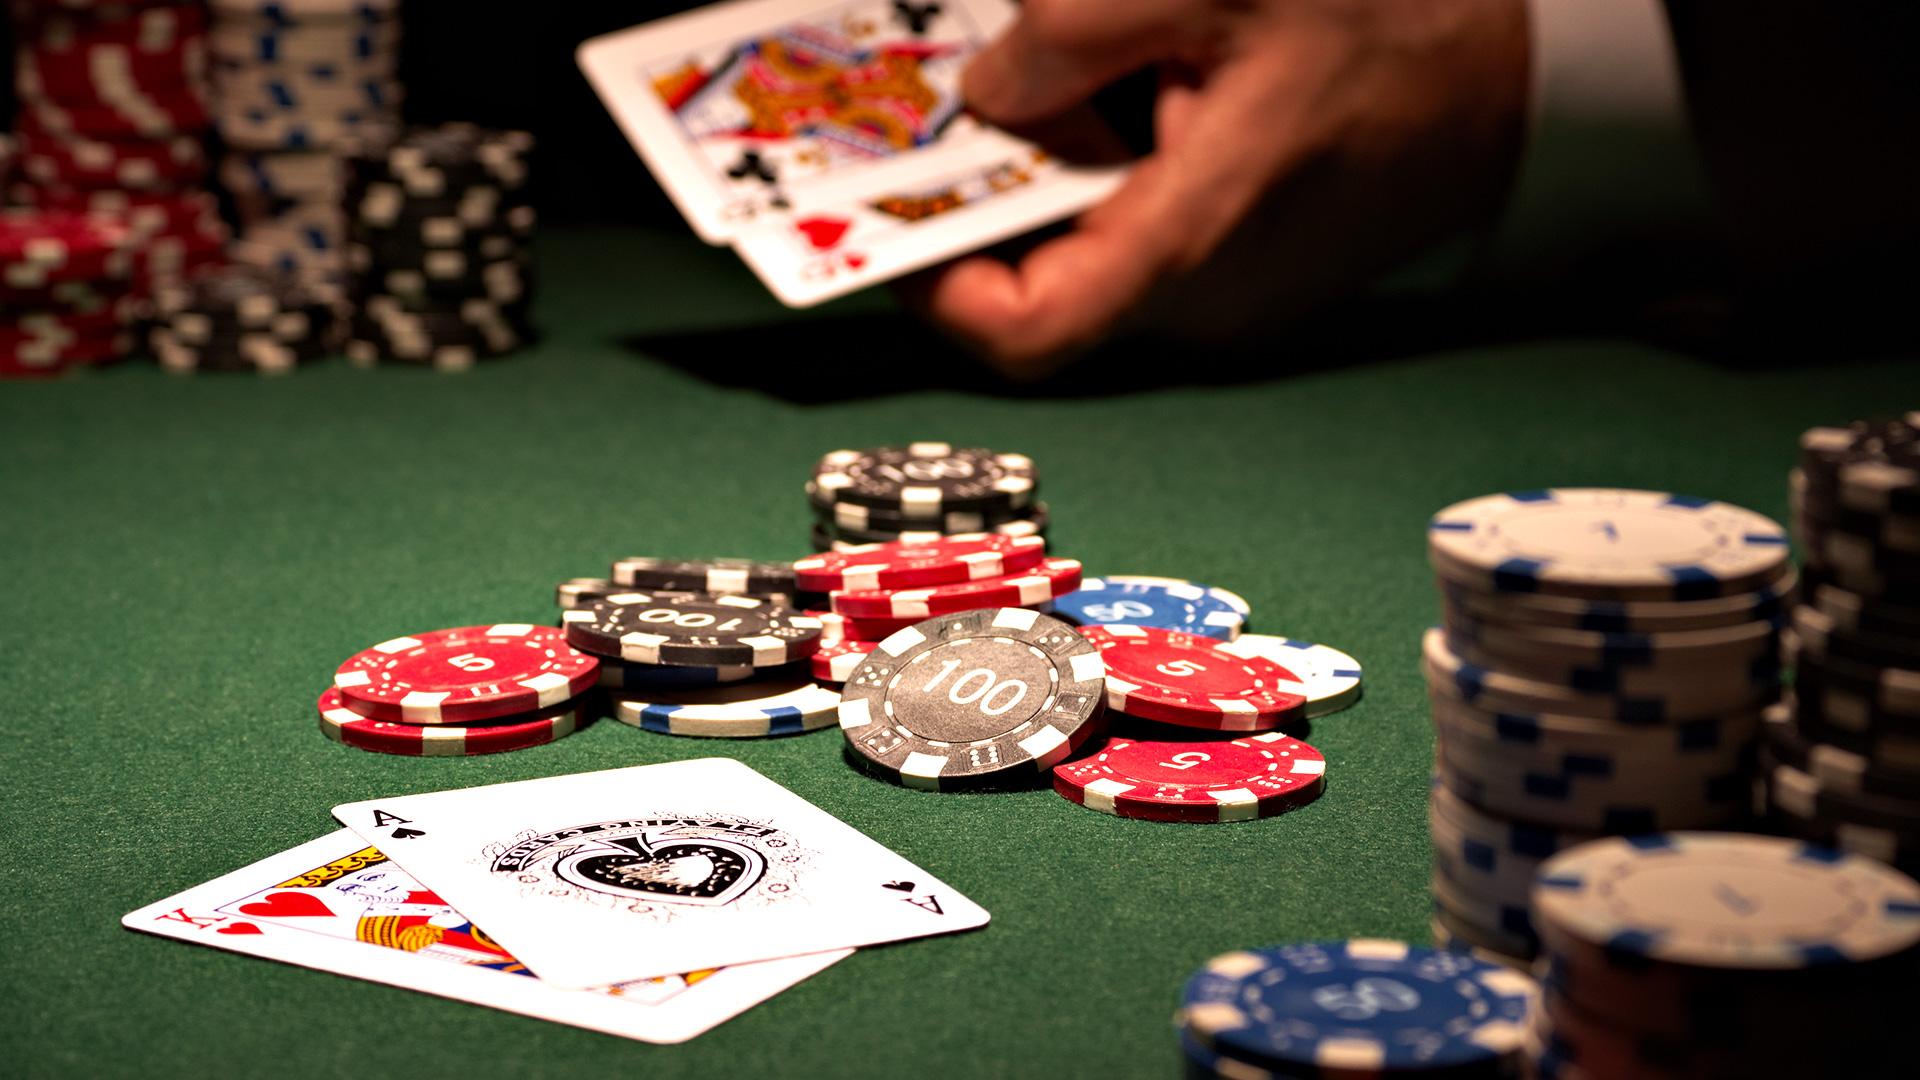 Casino-Hd-Hd-Desktop-Wallpaper.jpg